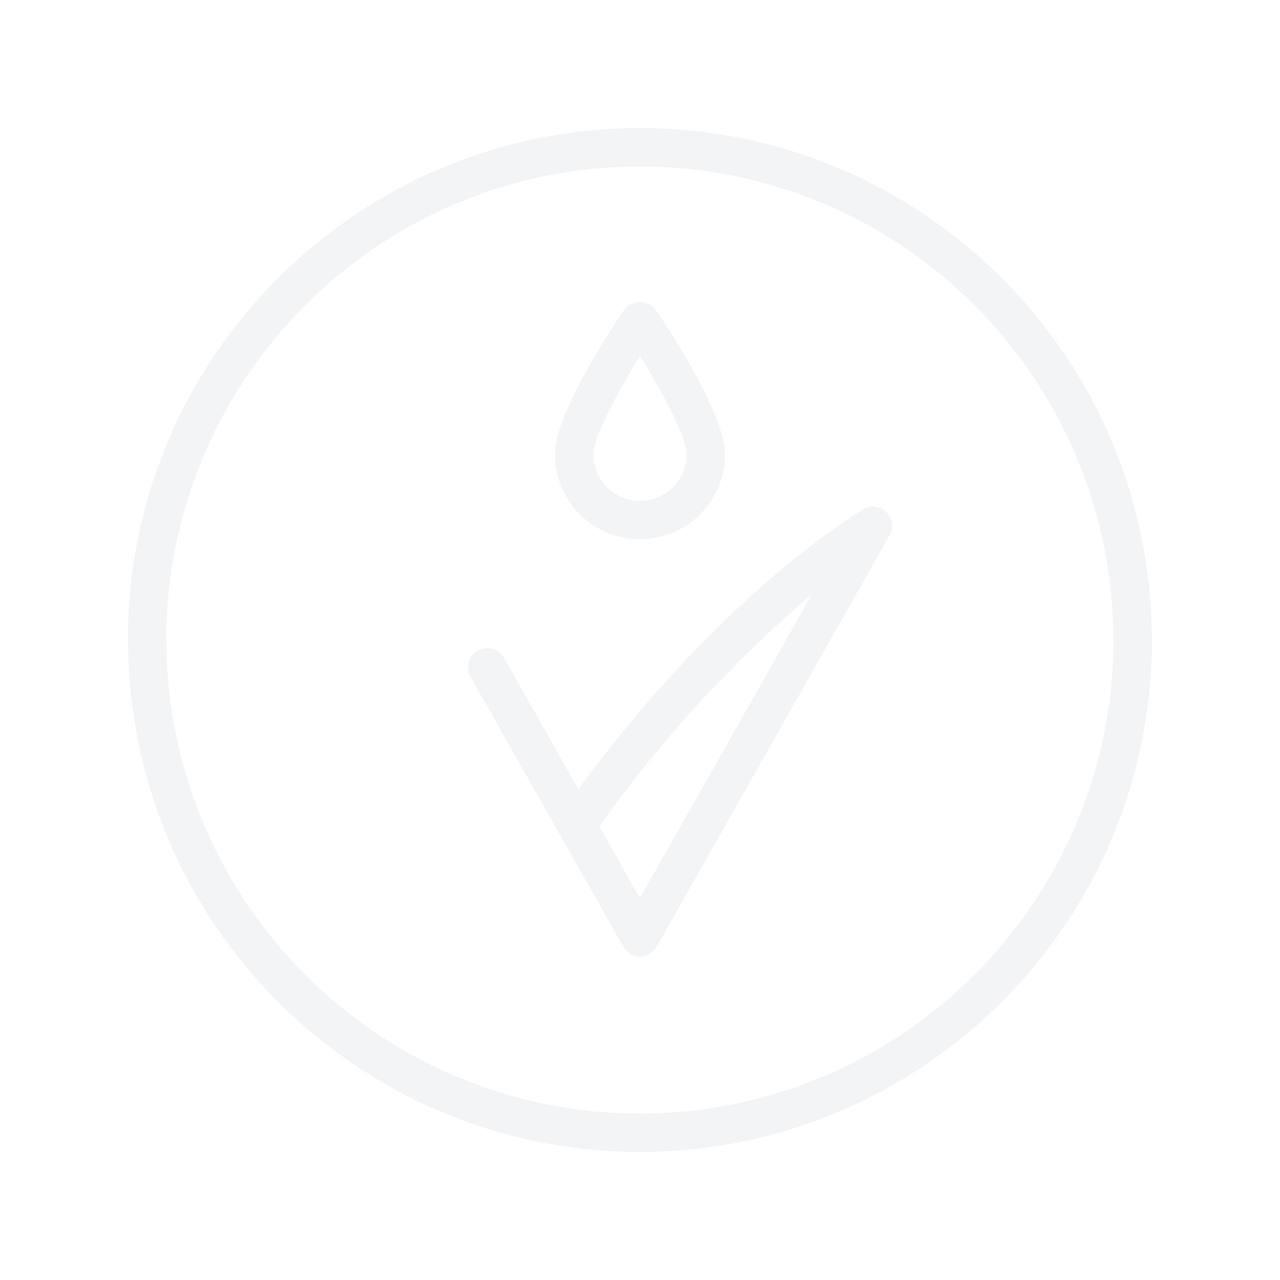 L'Oreal Super Liner Perfect Slim Eyeliner Intense Black